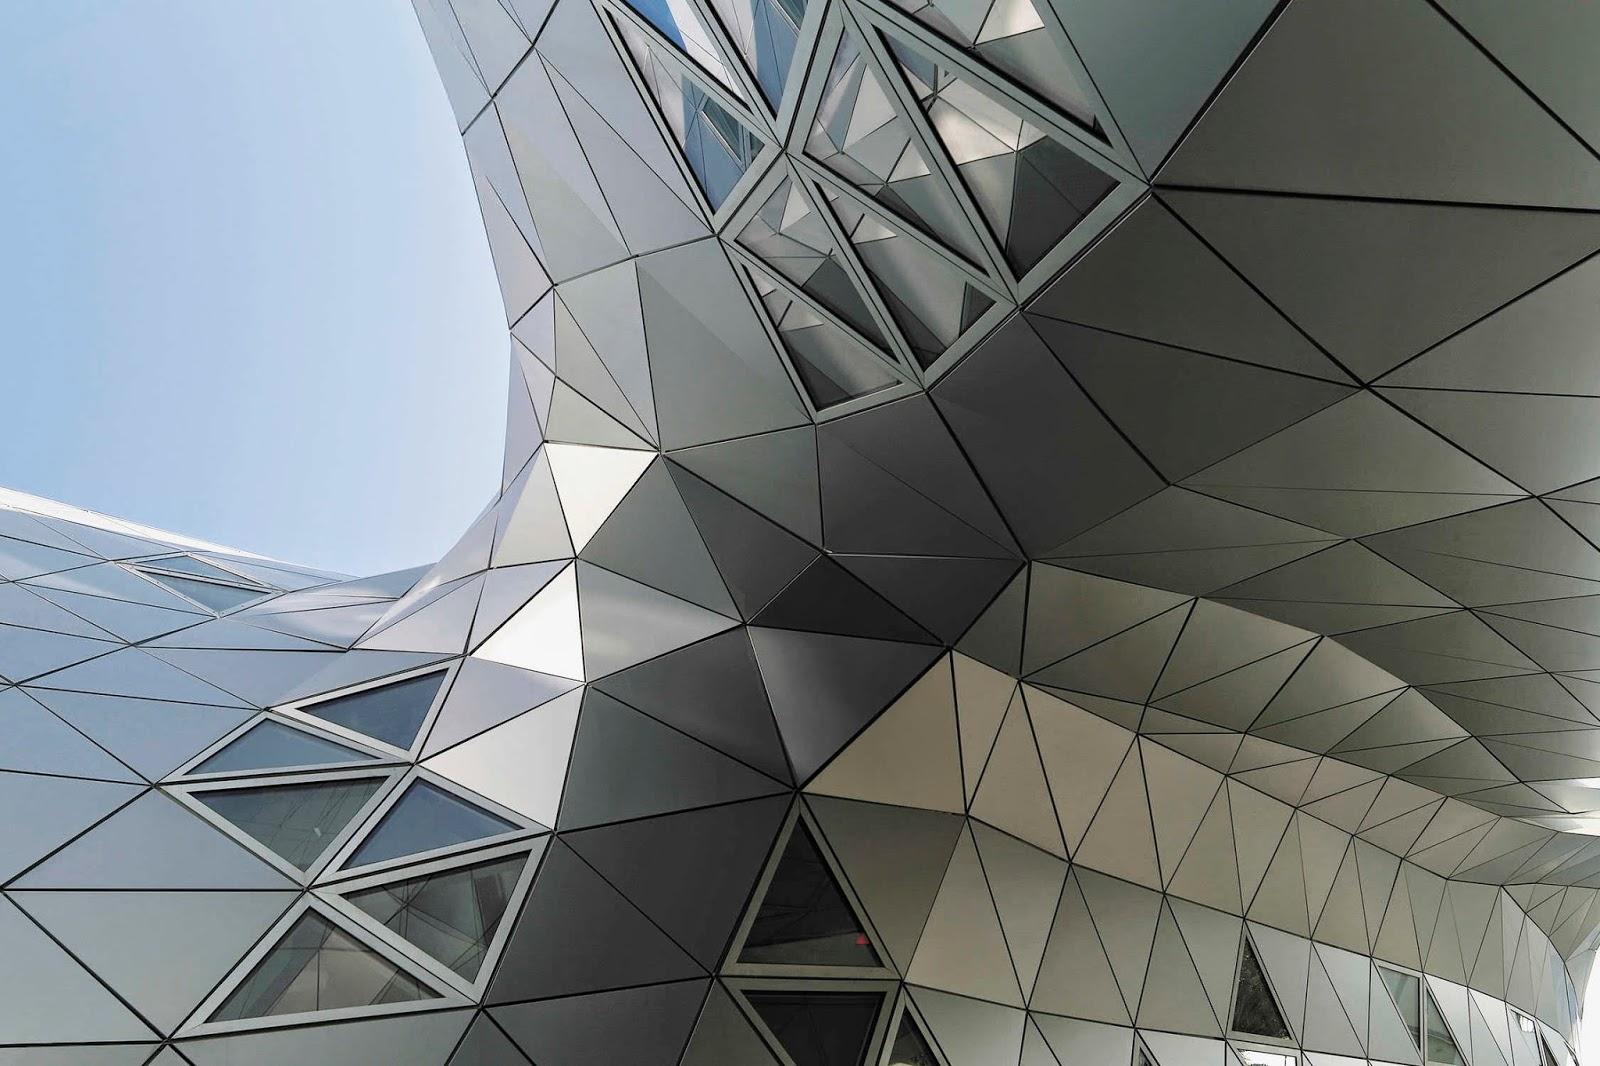 Итоги российского конкурса с международным участием 'Алюминий в архитектуре'